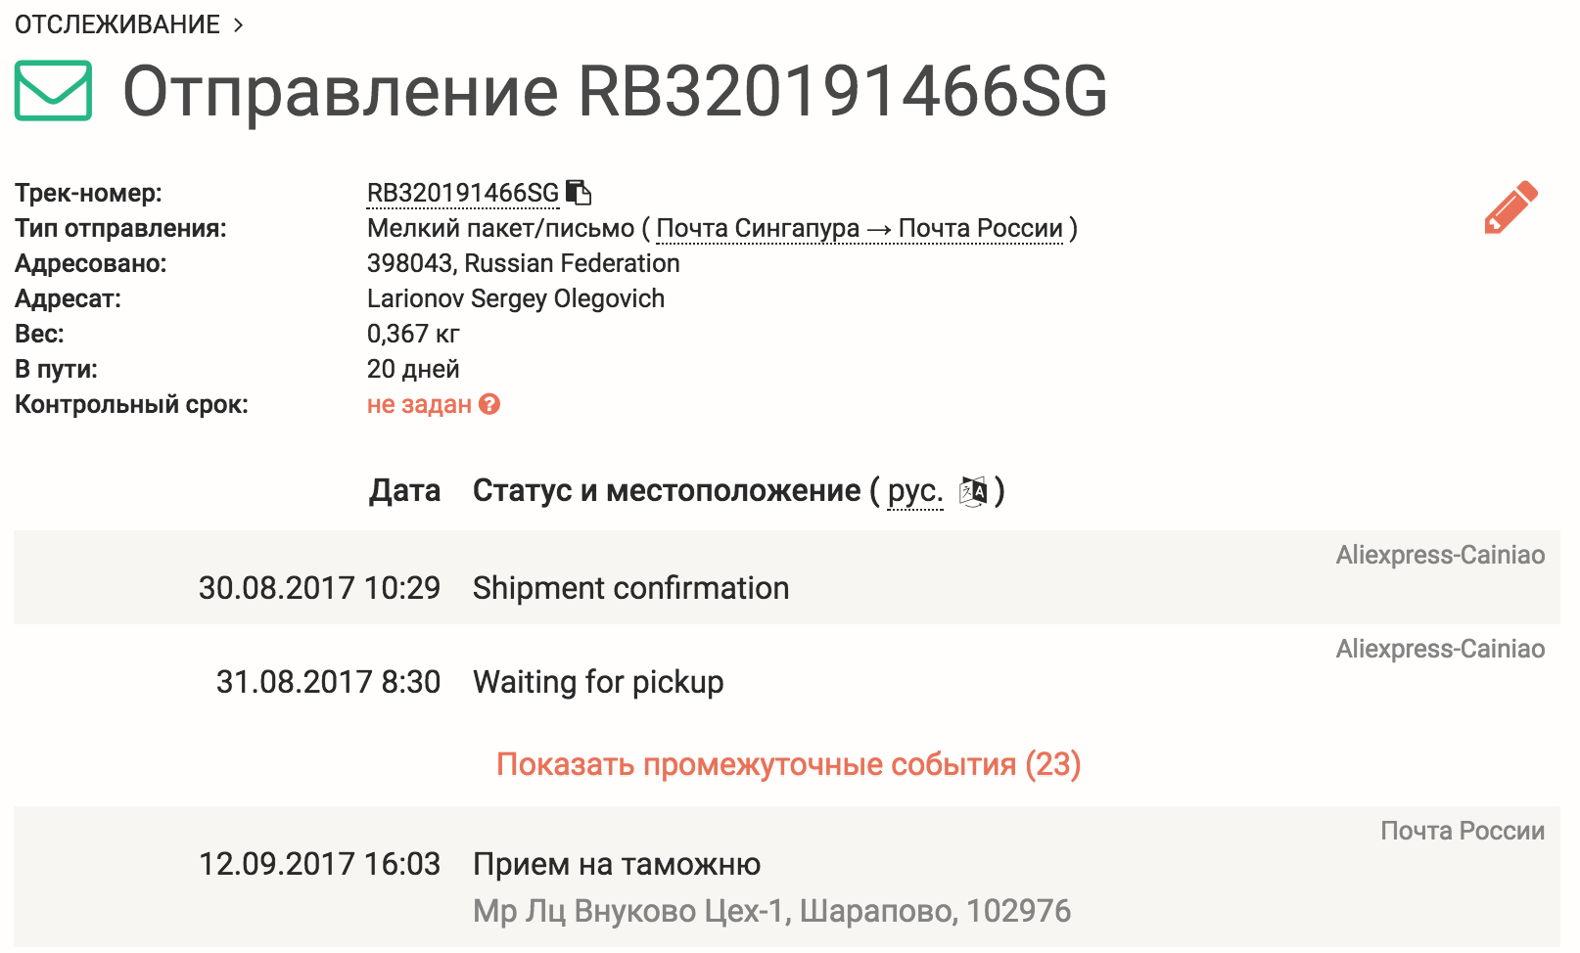 Коробка почта россии